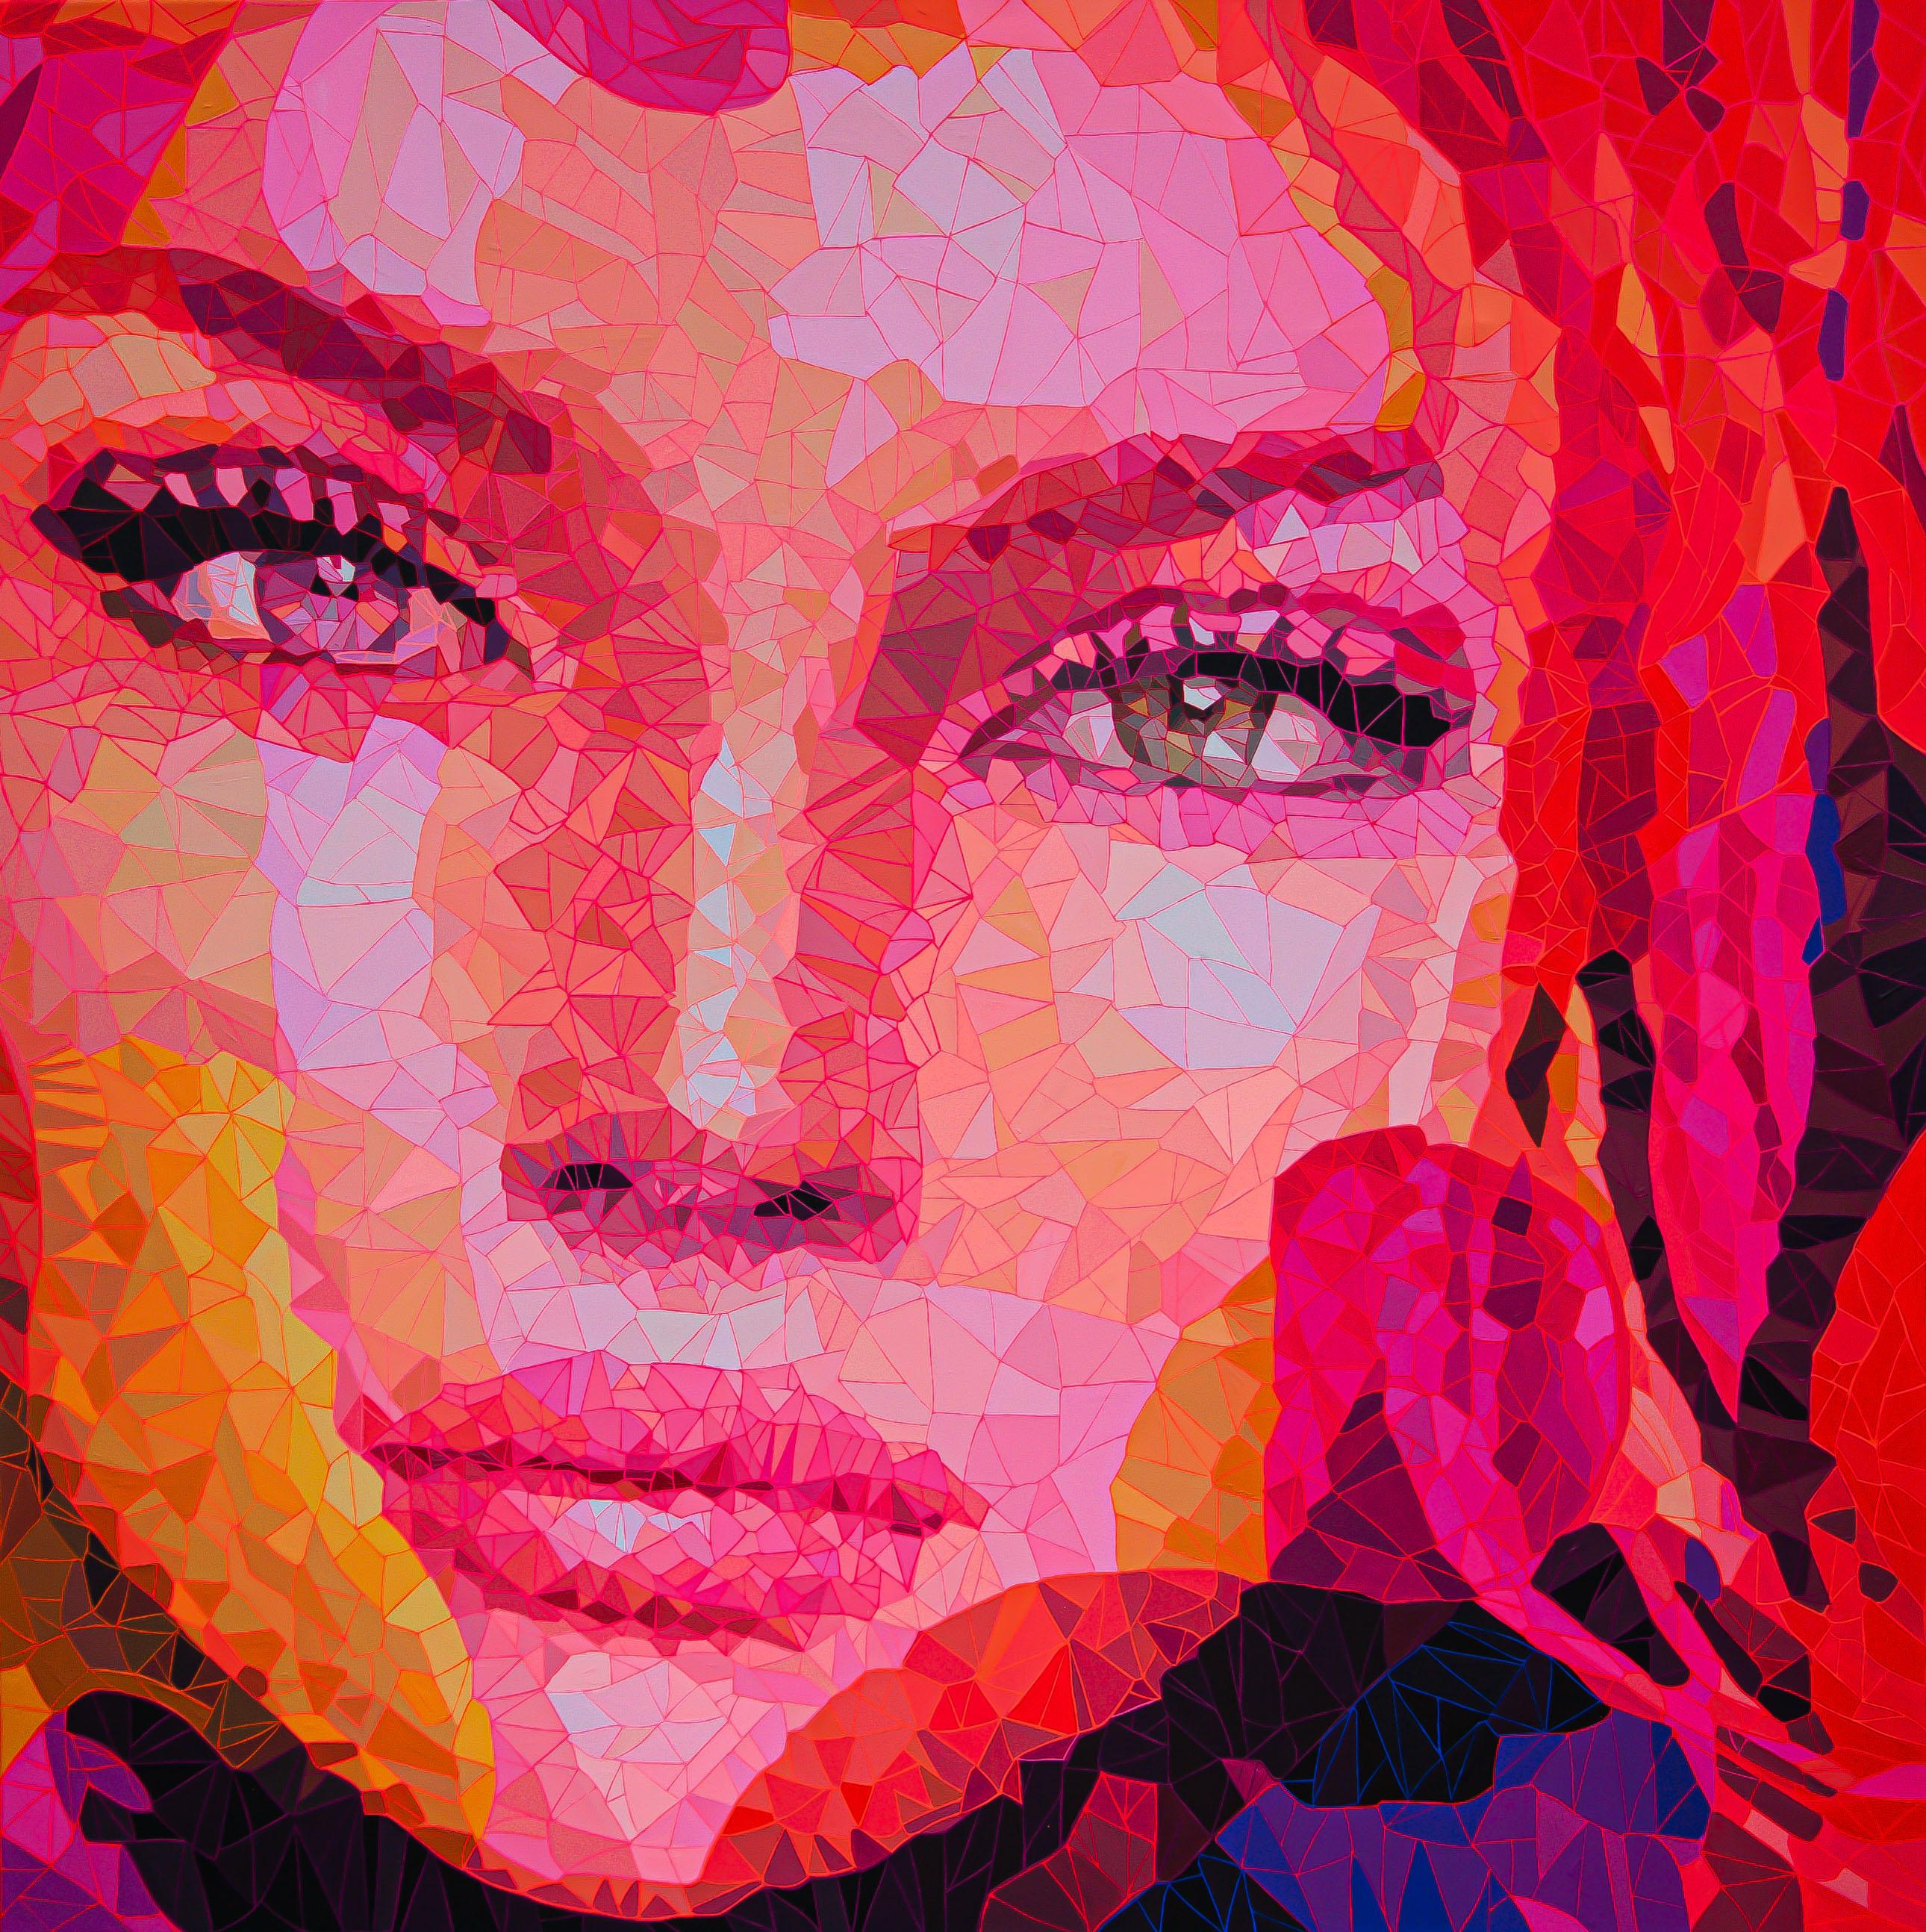 120X120 Acrylic on canvas